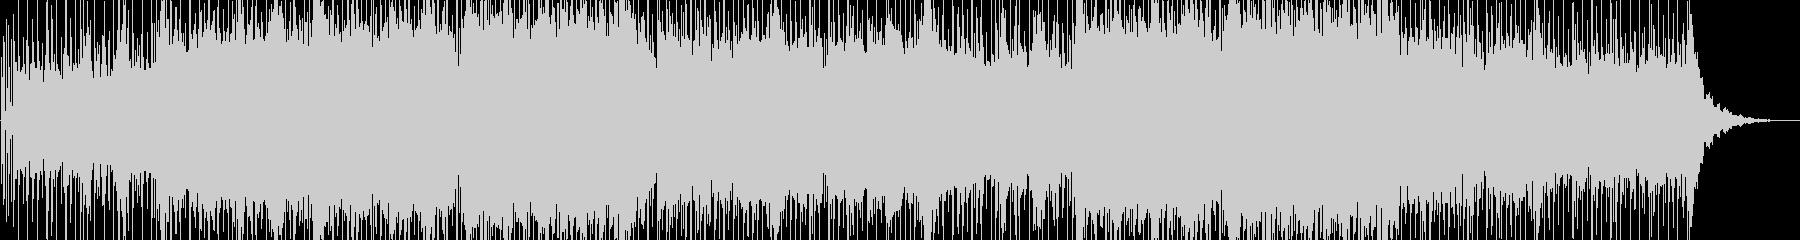 実験的な岩 バックシェイク 感情的...の未再生の波形